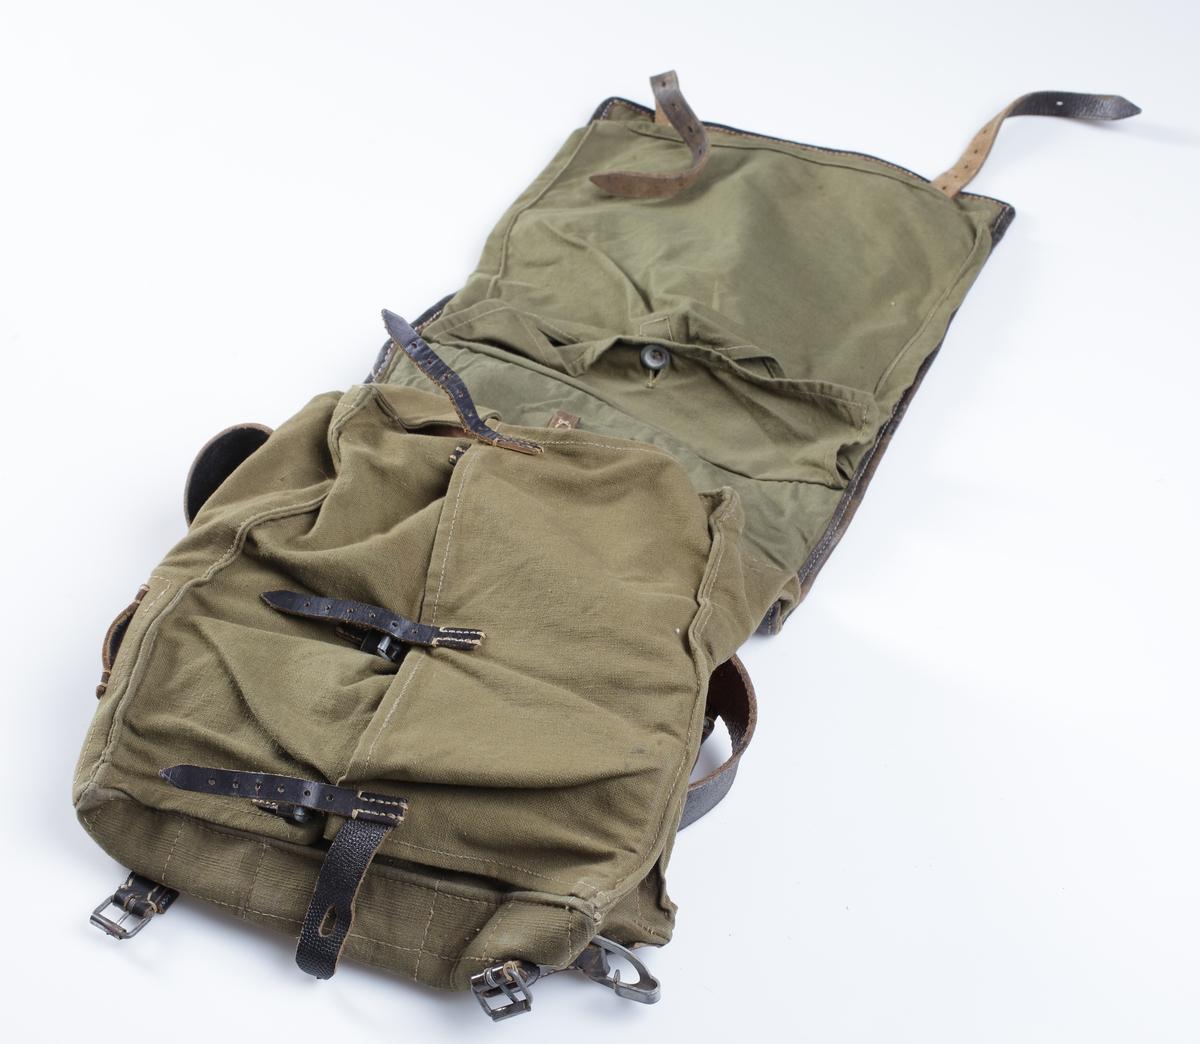 """Tysk M39 ryggsäck med en förslutningsklaff av hästpäls som täcker hela framstycket. Alla spännen och knappar är i målad stål. Ryggsäcken i övrigt är tillverkad i grön kanvass. Bärremmar och förslutningsremmar är i svart läder. Upptill på baksidan är märkt """"Wittkop & Co Bielefeld 1942"""". Bärremmarnas insida är stämplade med stämpel. Under locket finns märkt """"Ob. Gefr. + otydligt namn"""". (Obergefreiter + namn)."""